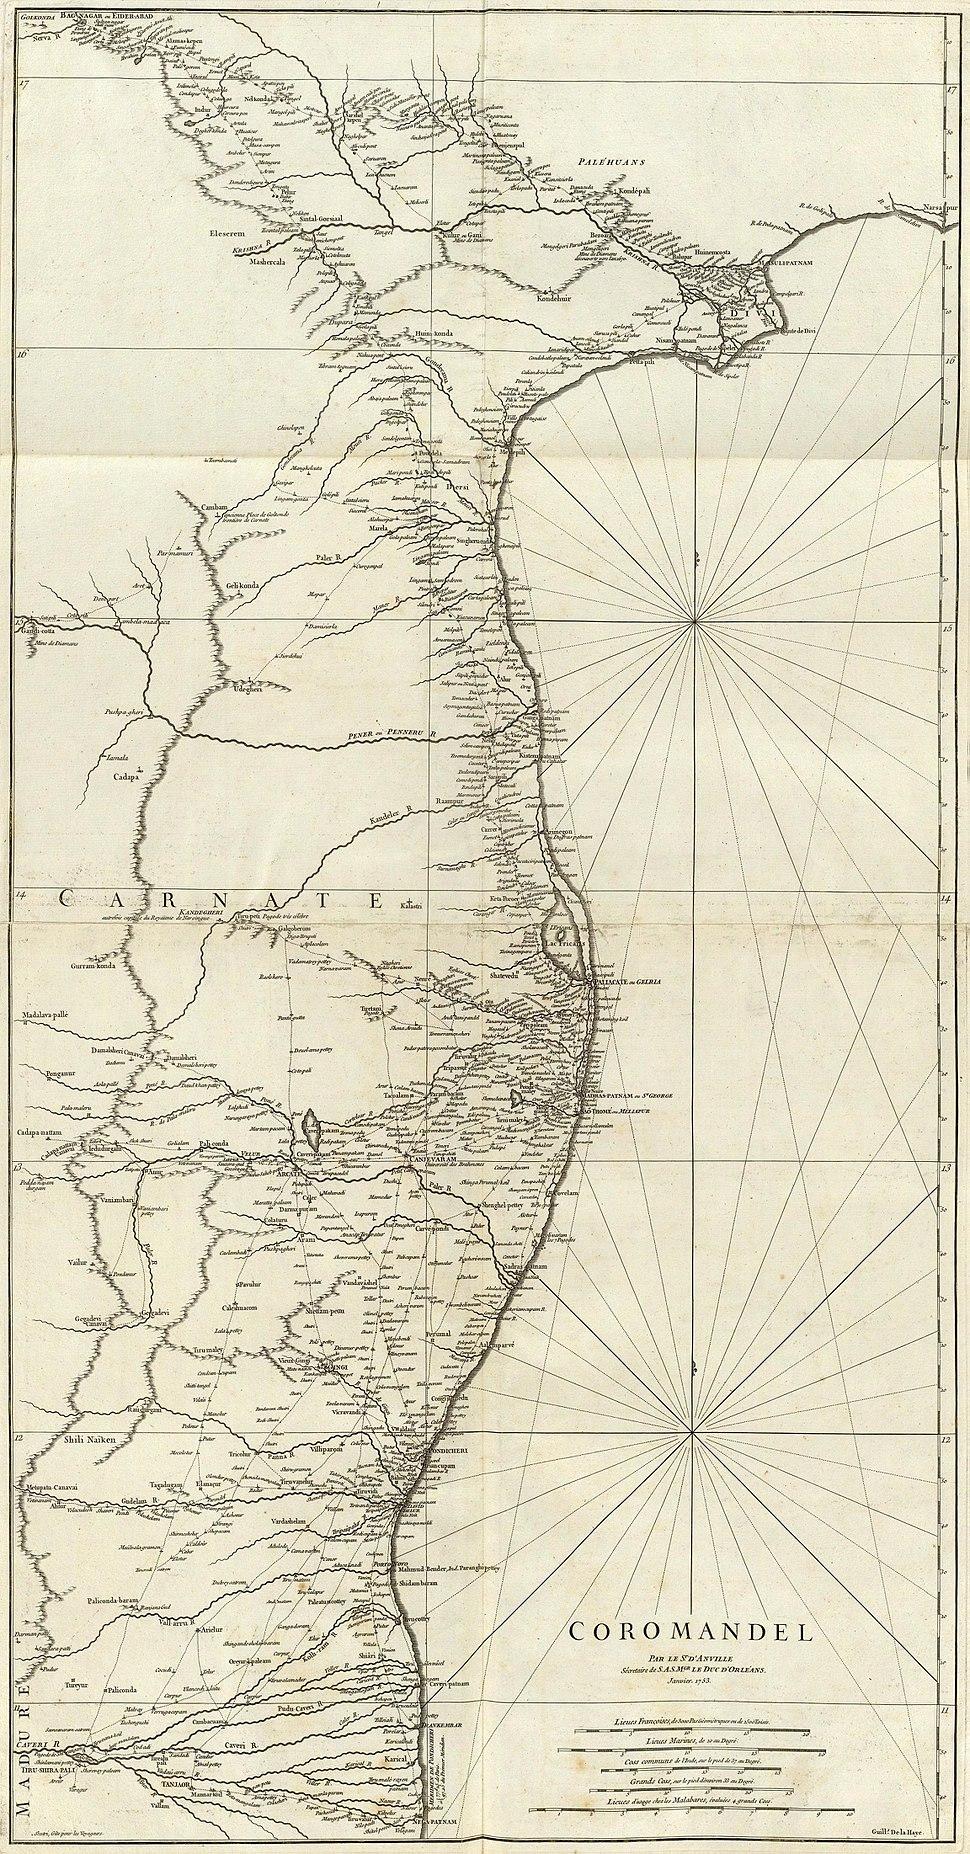 Coromandel Coast 1753